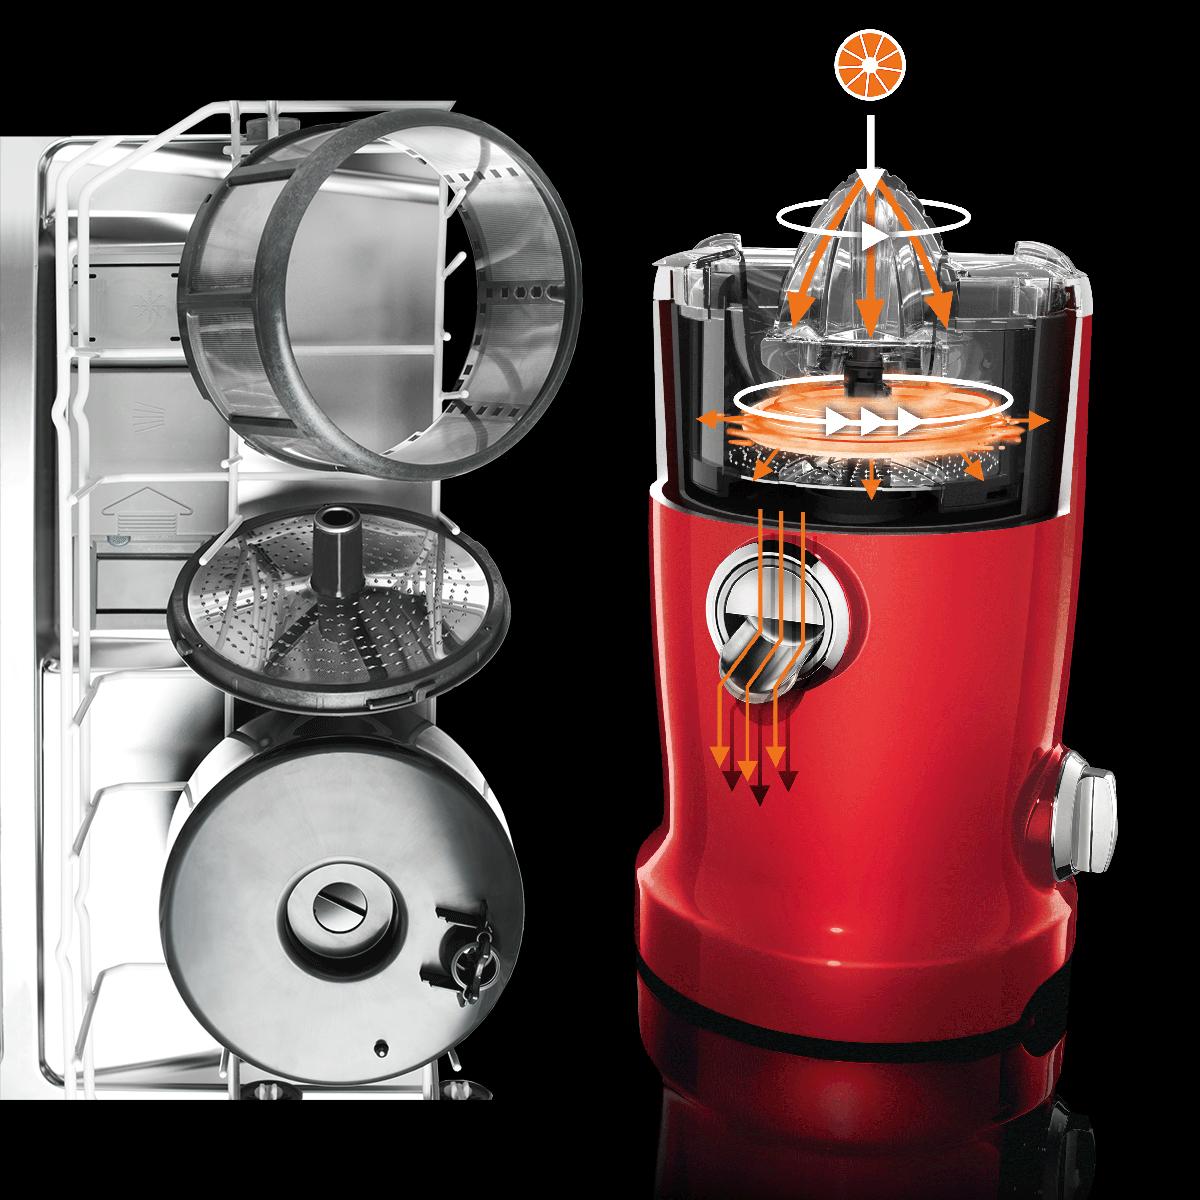 Novis Vita Juicer Yellow 4-in-1 Multi-Function Electric Juicer